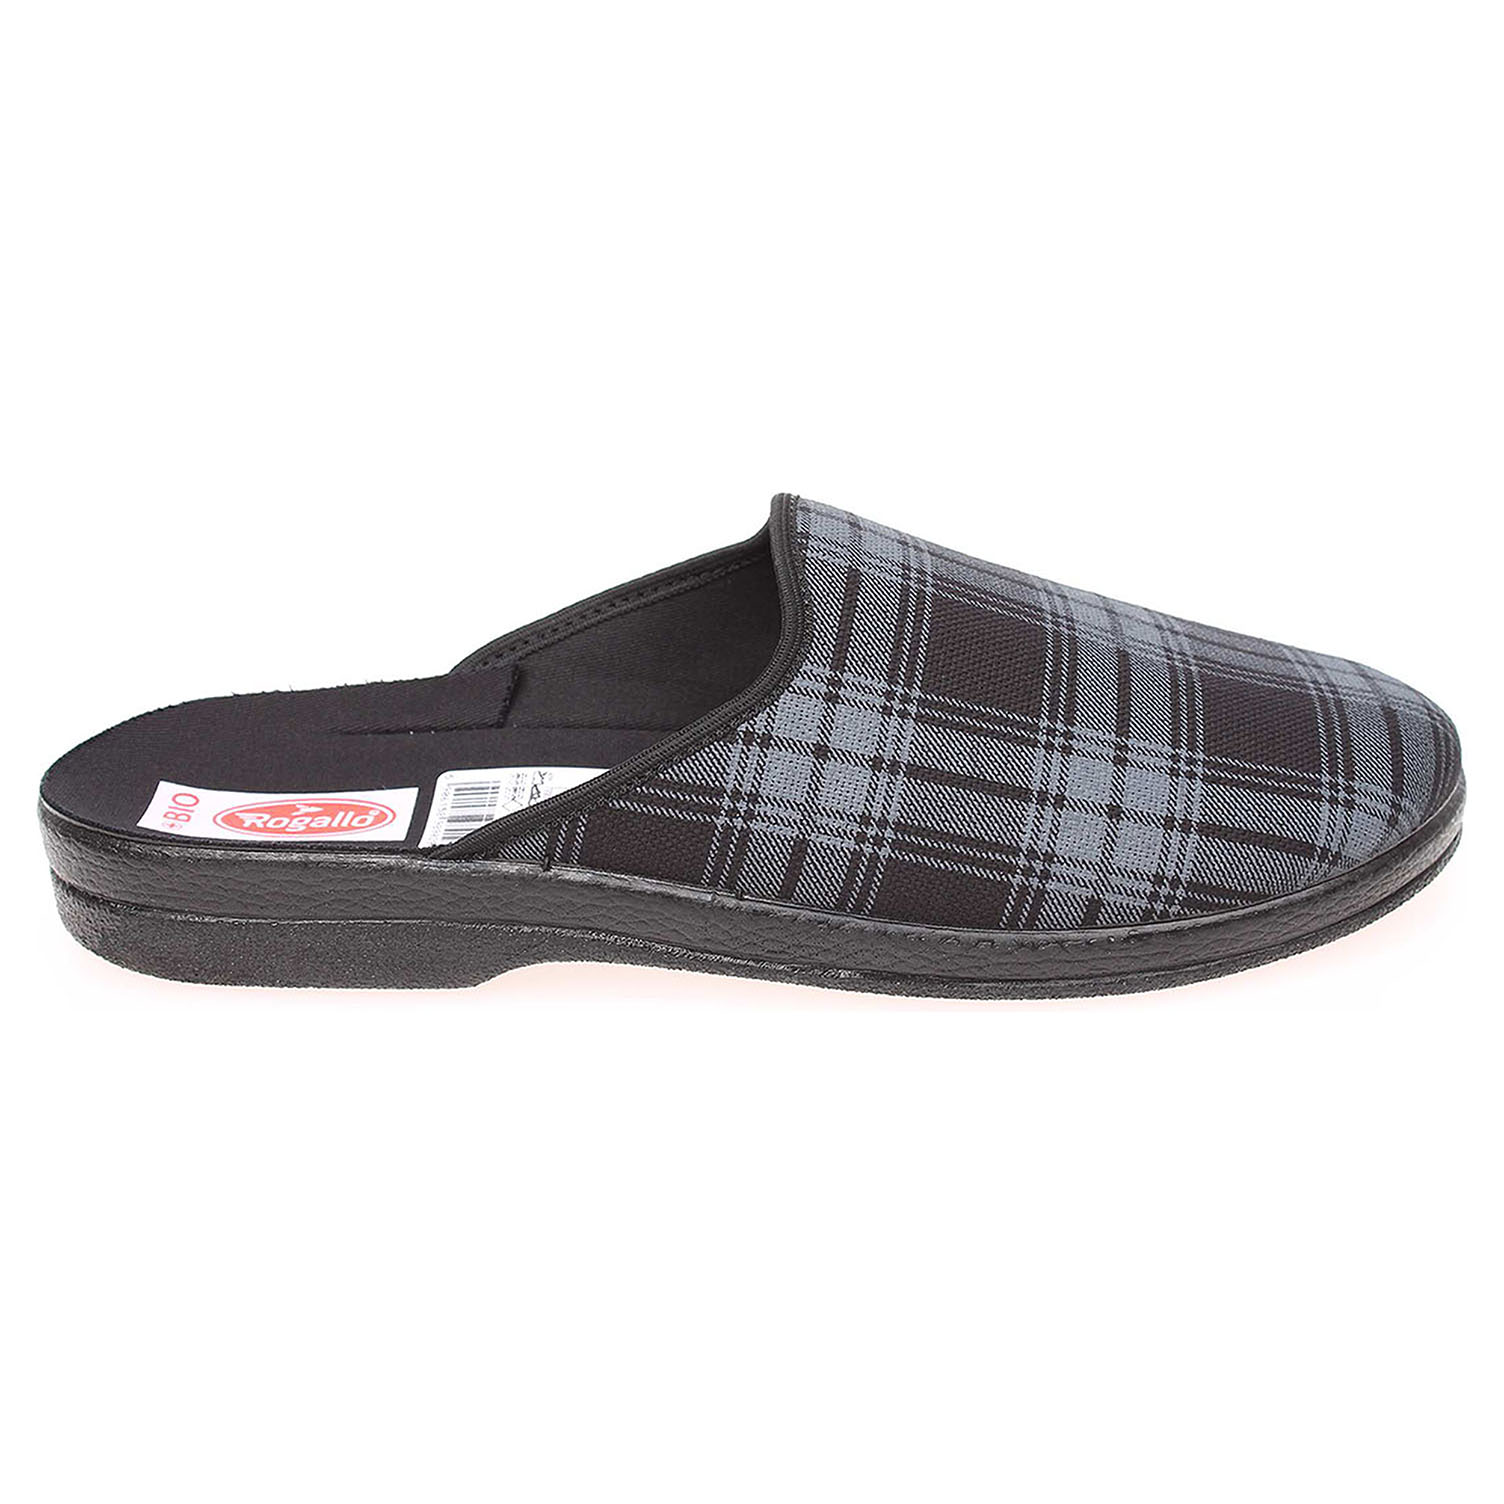 Rogallo pánské domácí pantofle 18902 černá-šedá 41